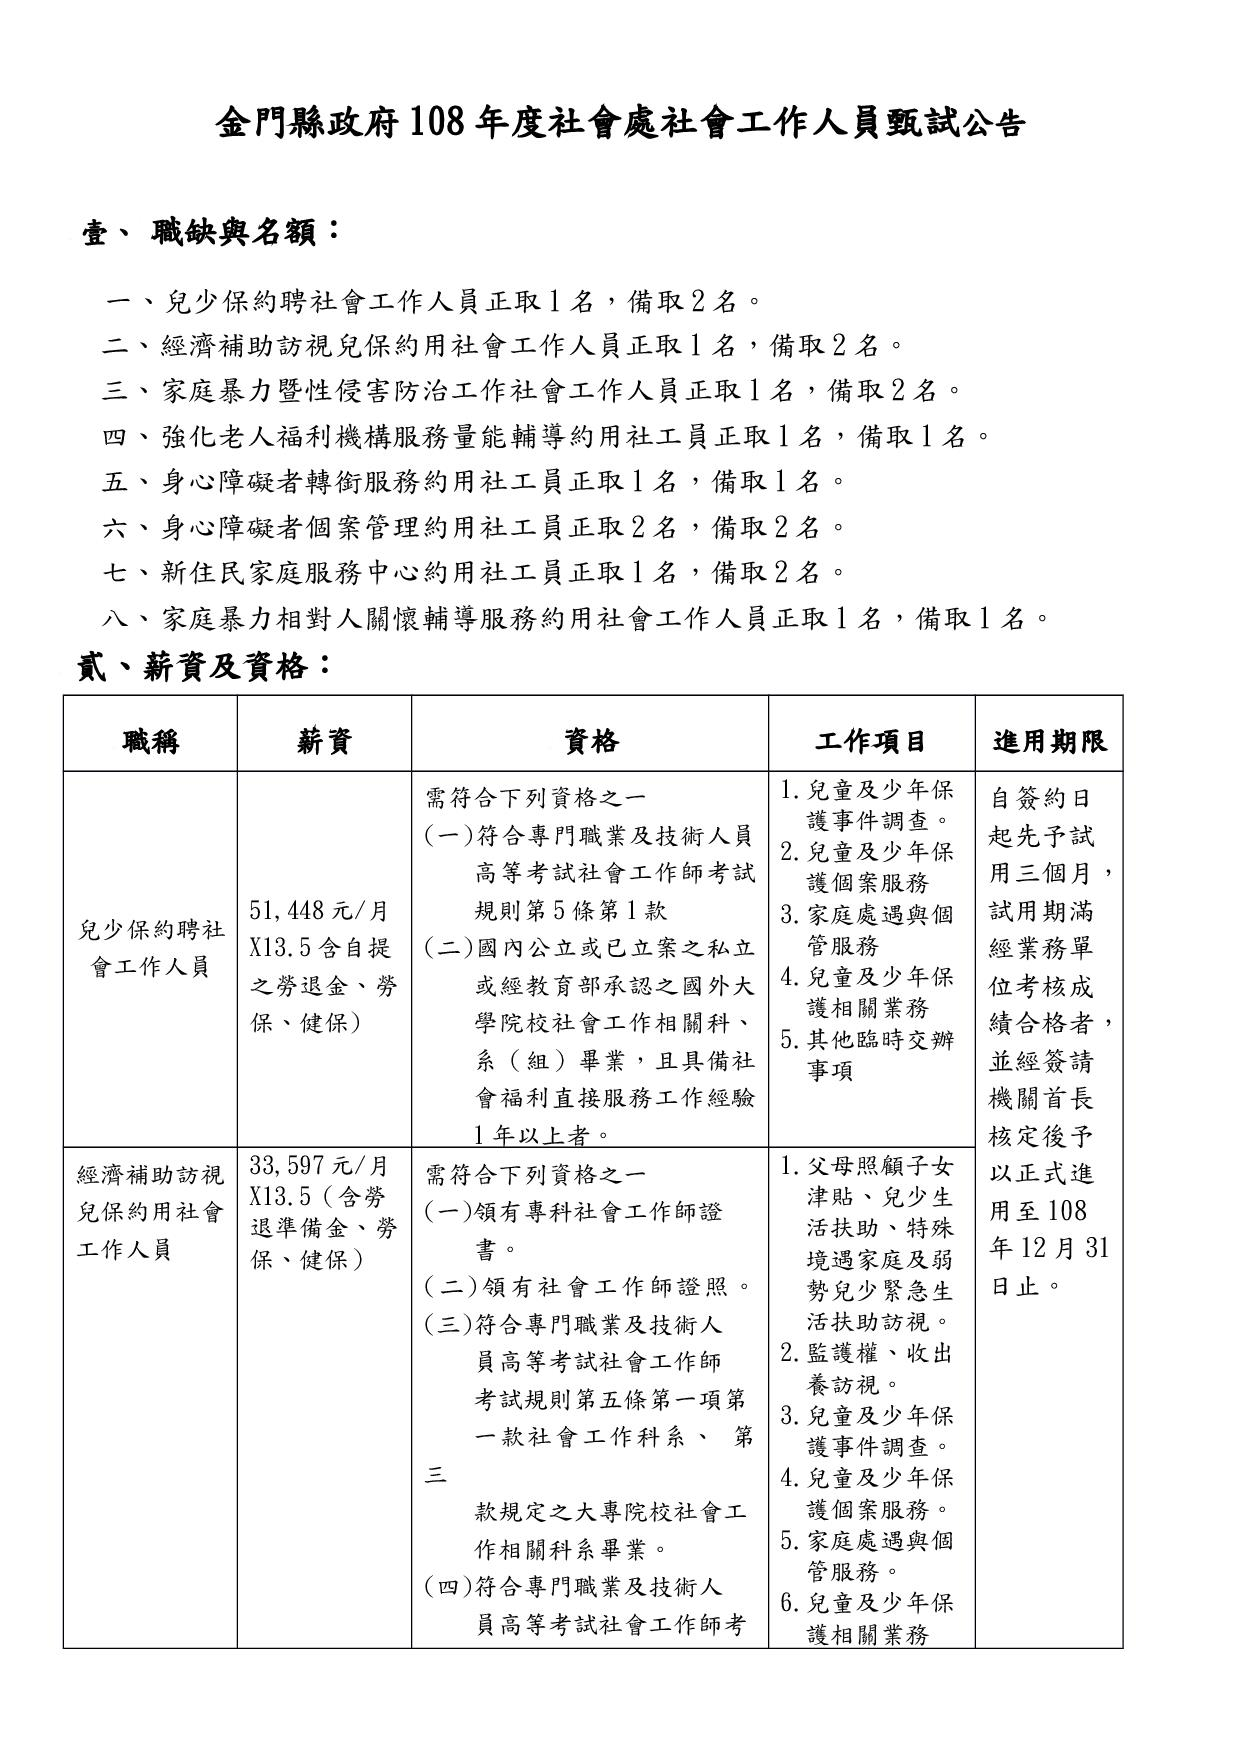 金門縣政府108年度社會處社會工作人員甄試公告